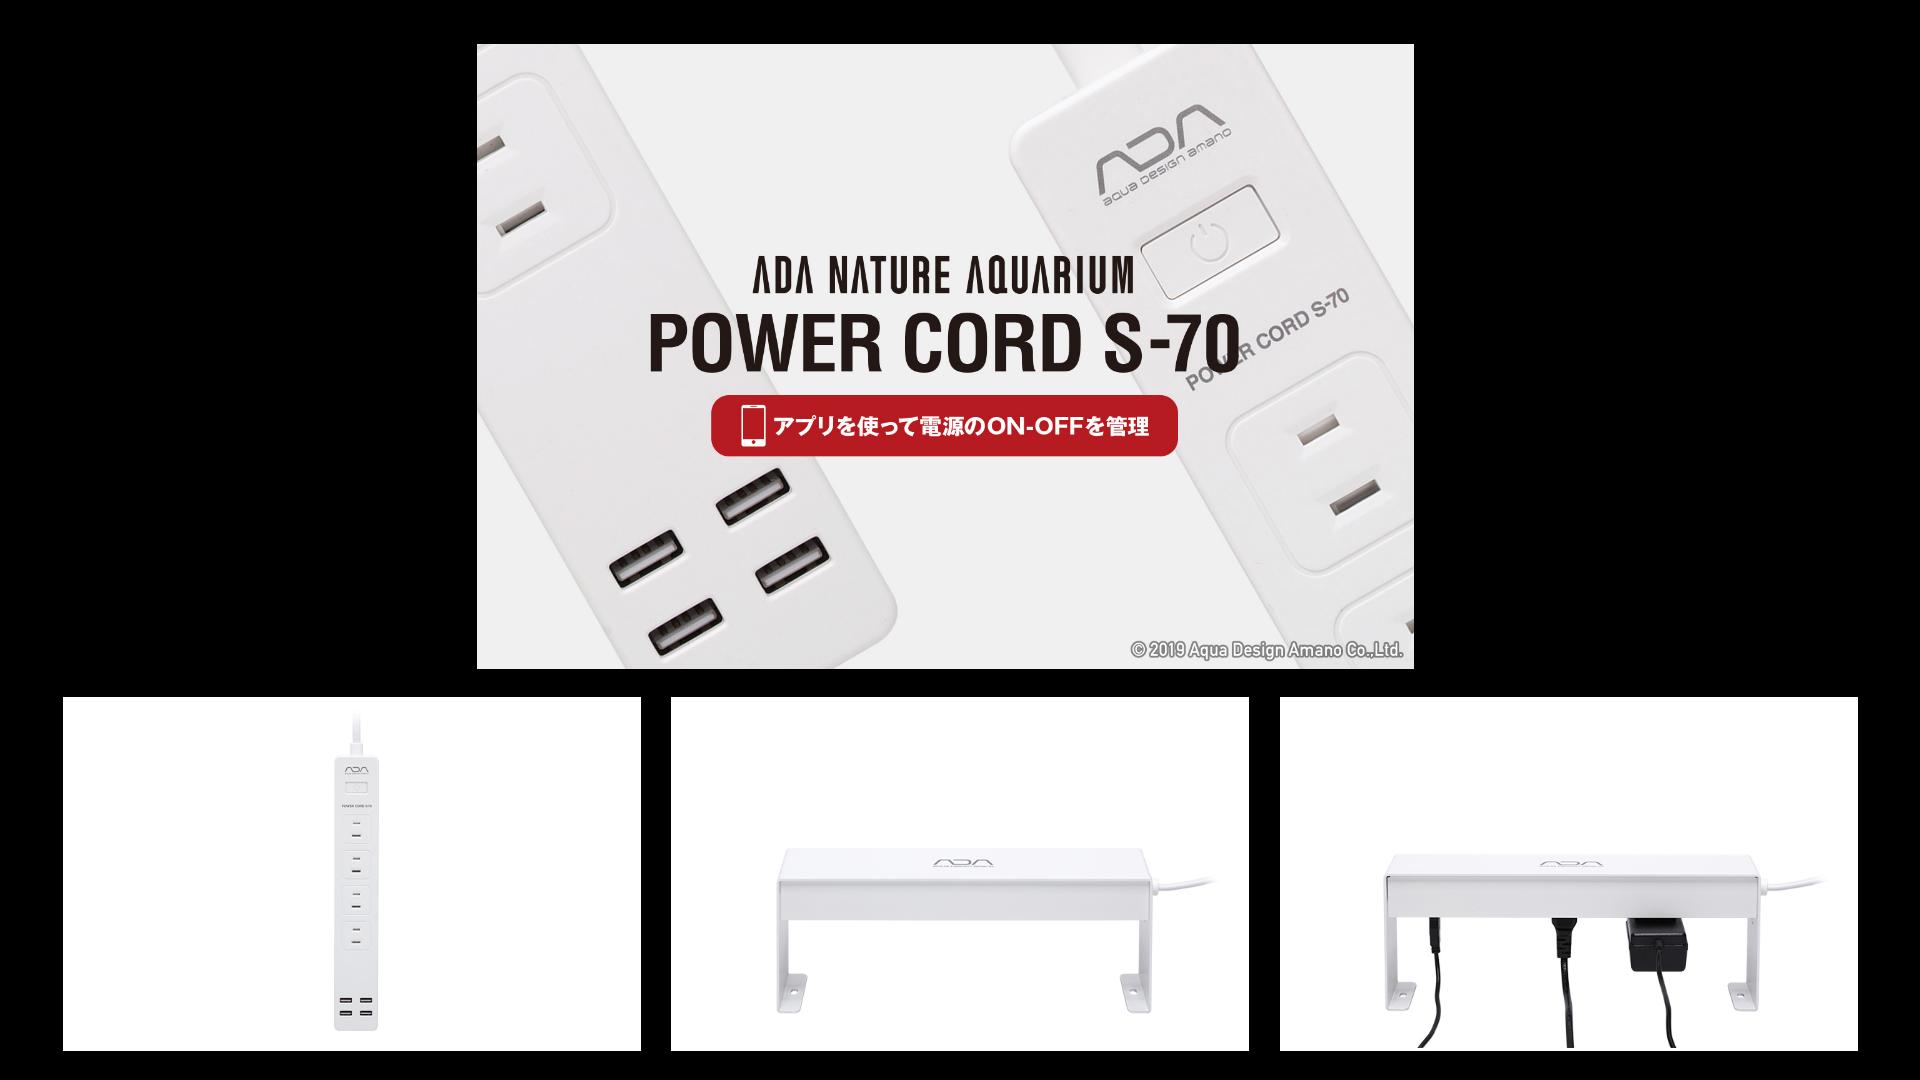 気になる製品:ADA パワーコード S-70